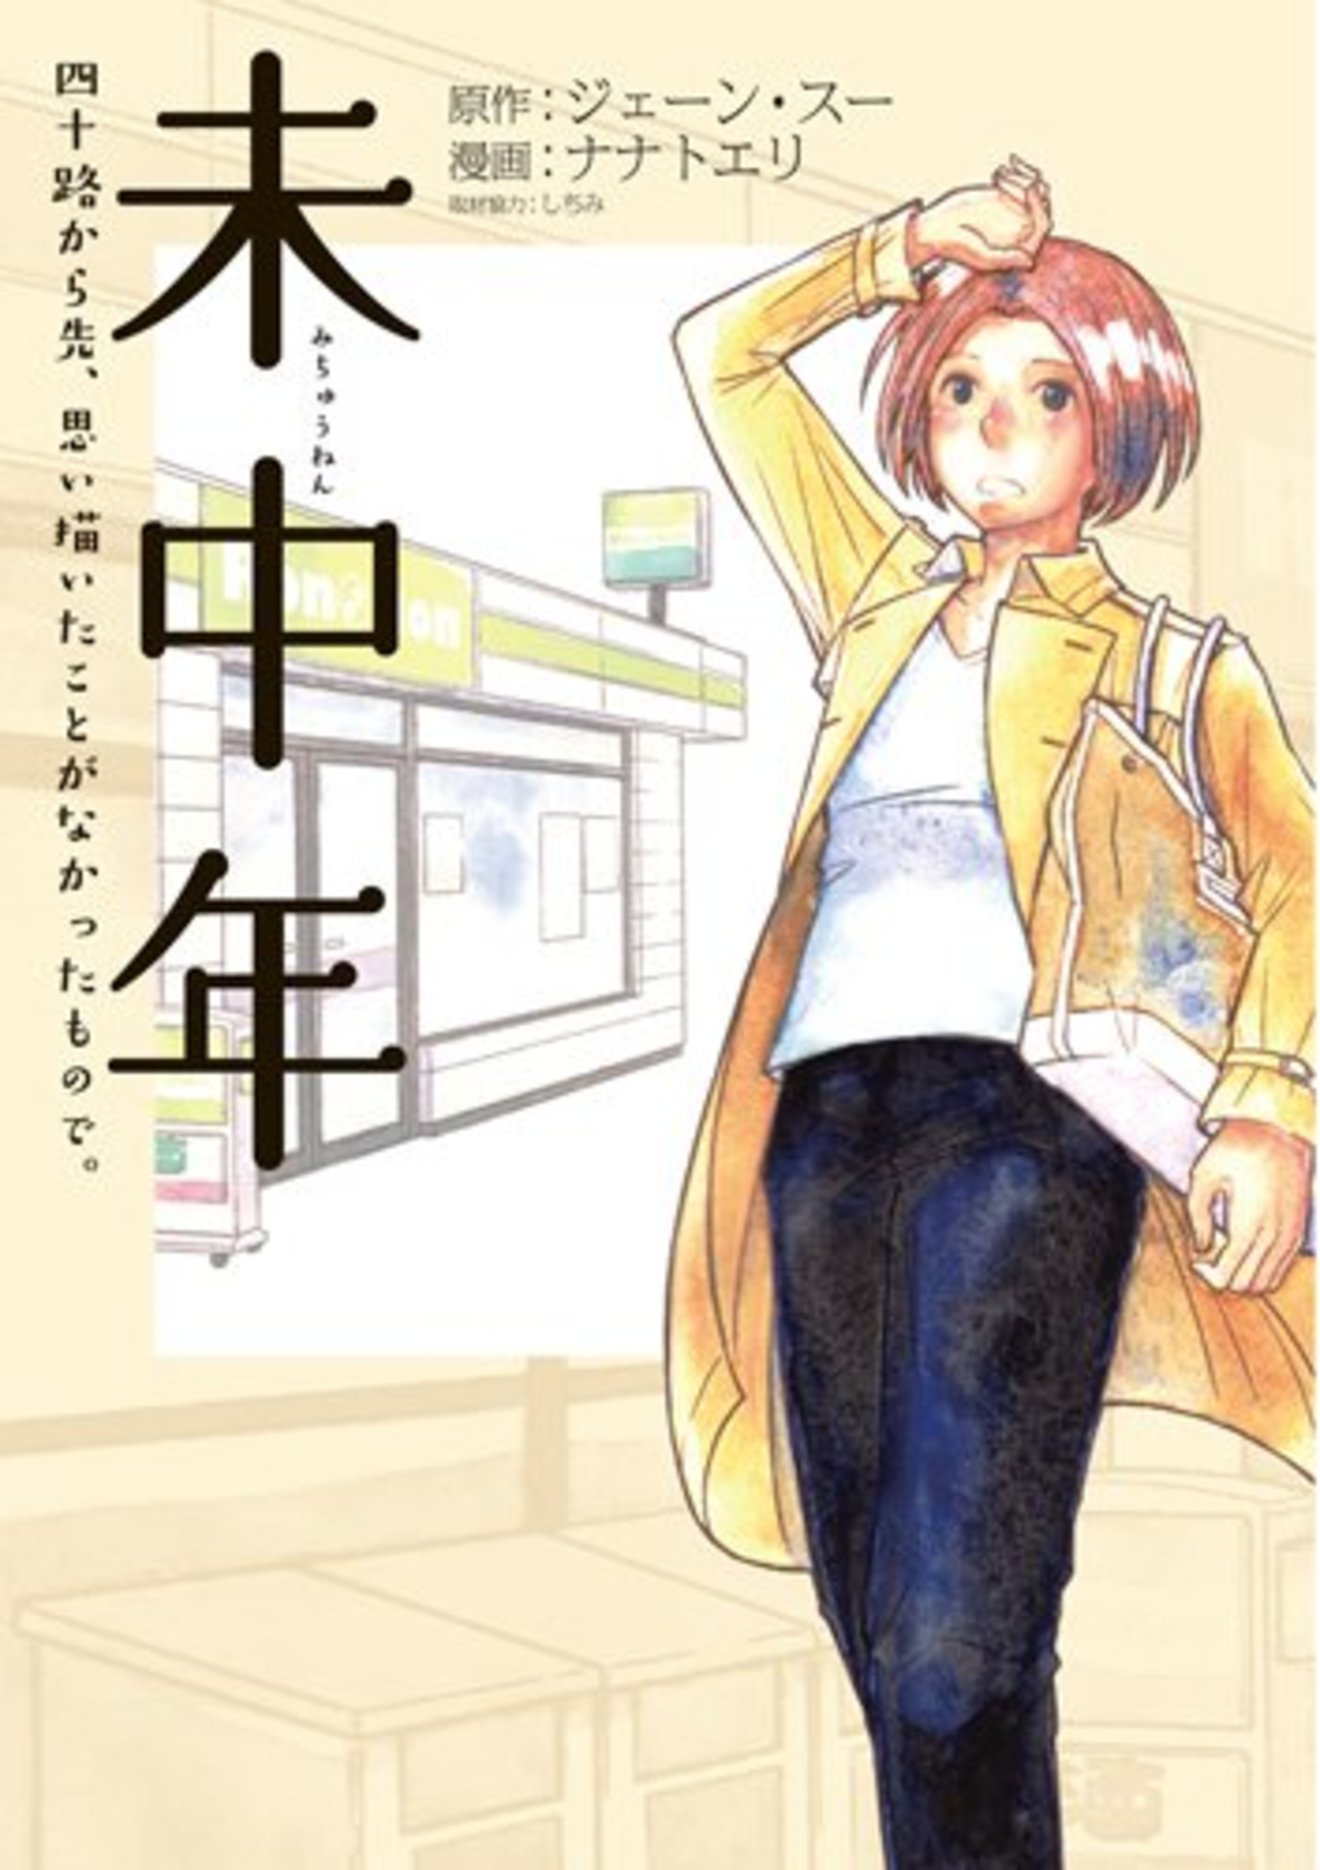 漫画「未中年」 が無料!OLの日常恋愛を描いた漫画の魅力をネタバレ紹介!